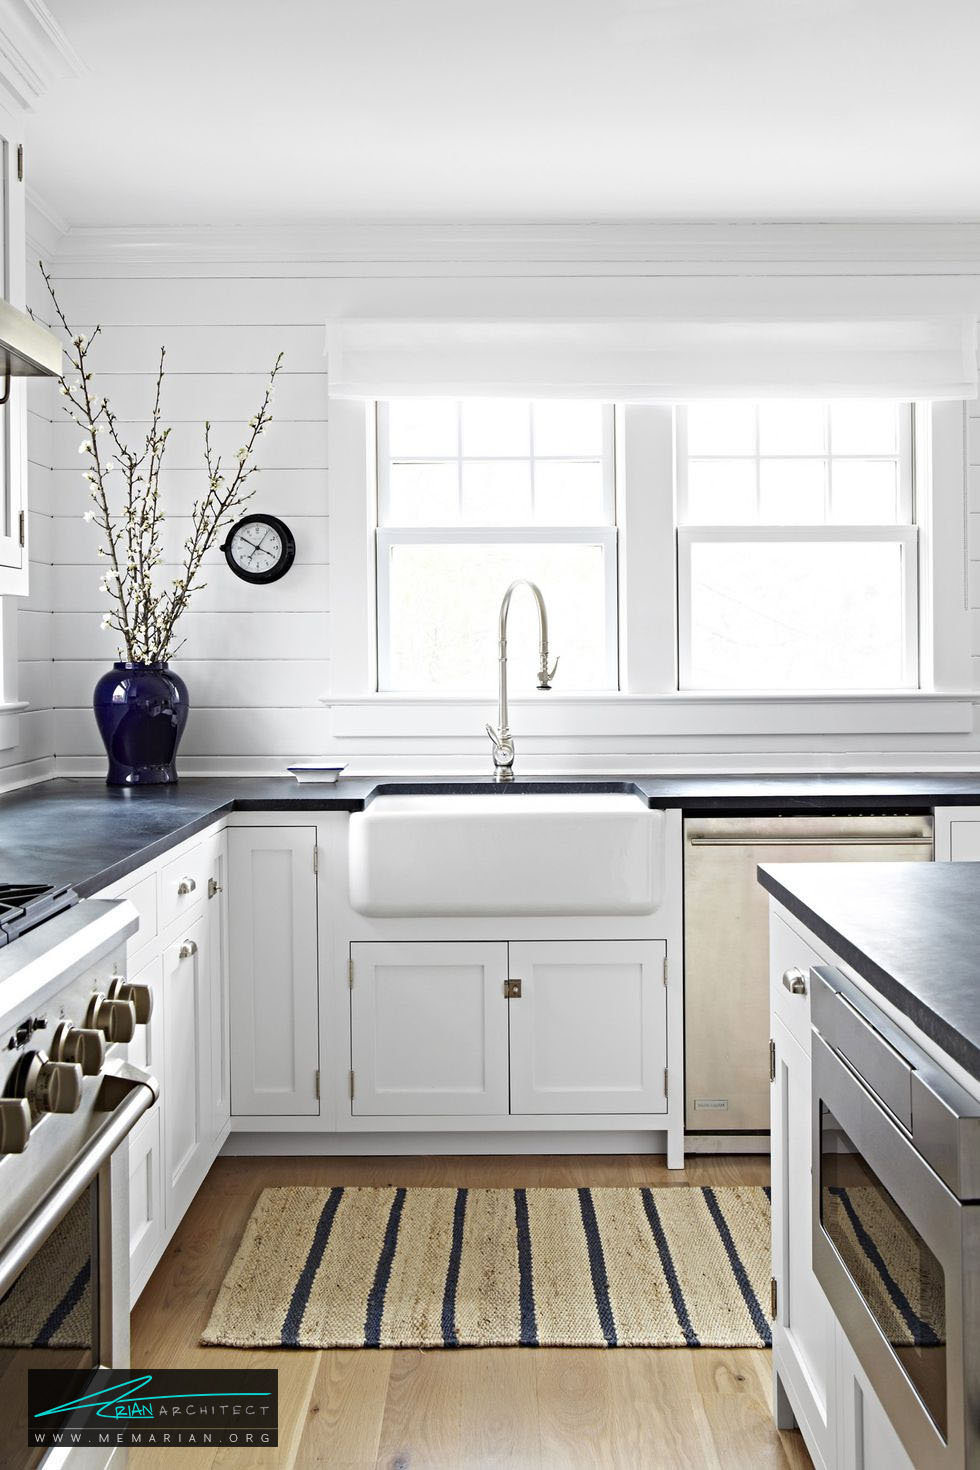 دکوراسیون آشپزخانه ساده و مفید - 20 ایده جذاب برای دکوراسیون آشپزخانه